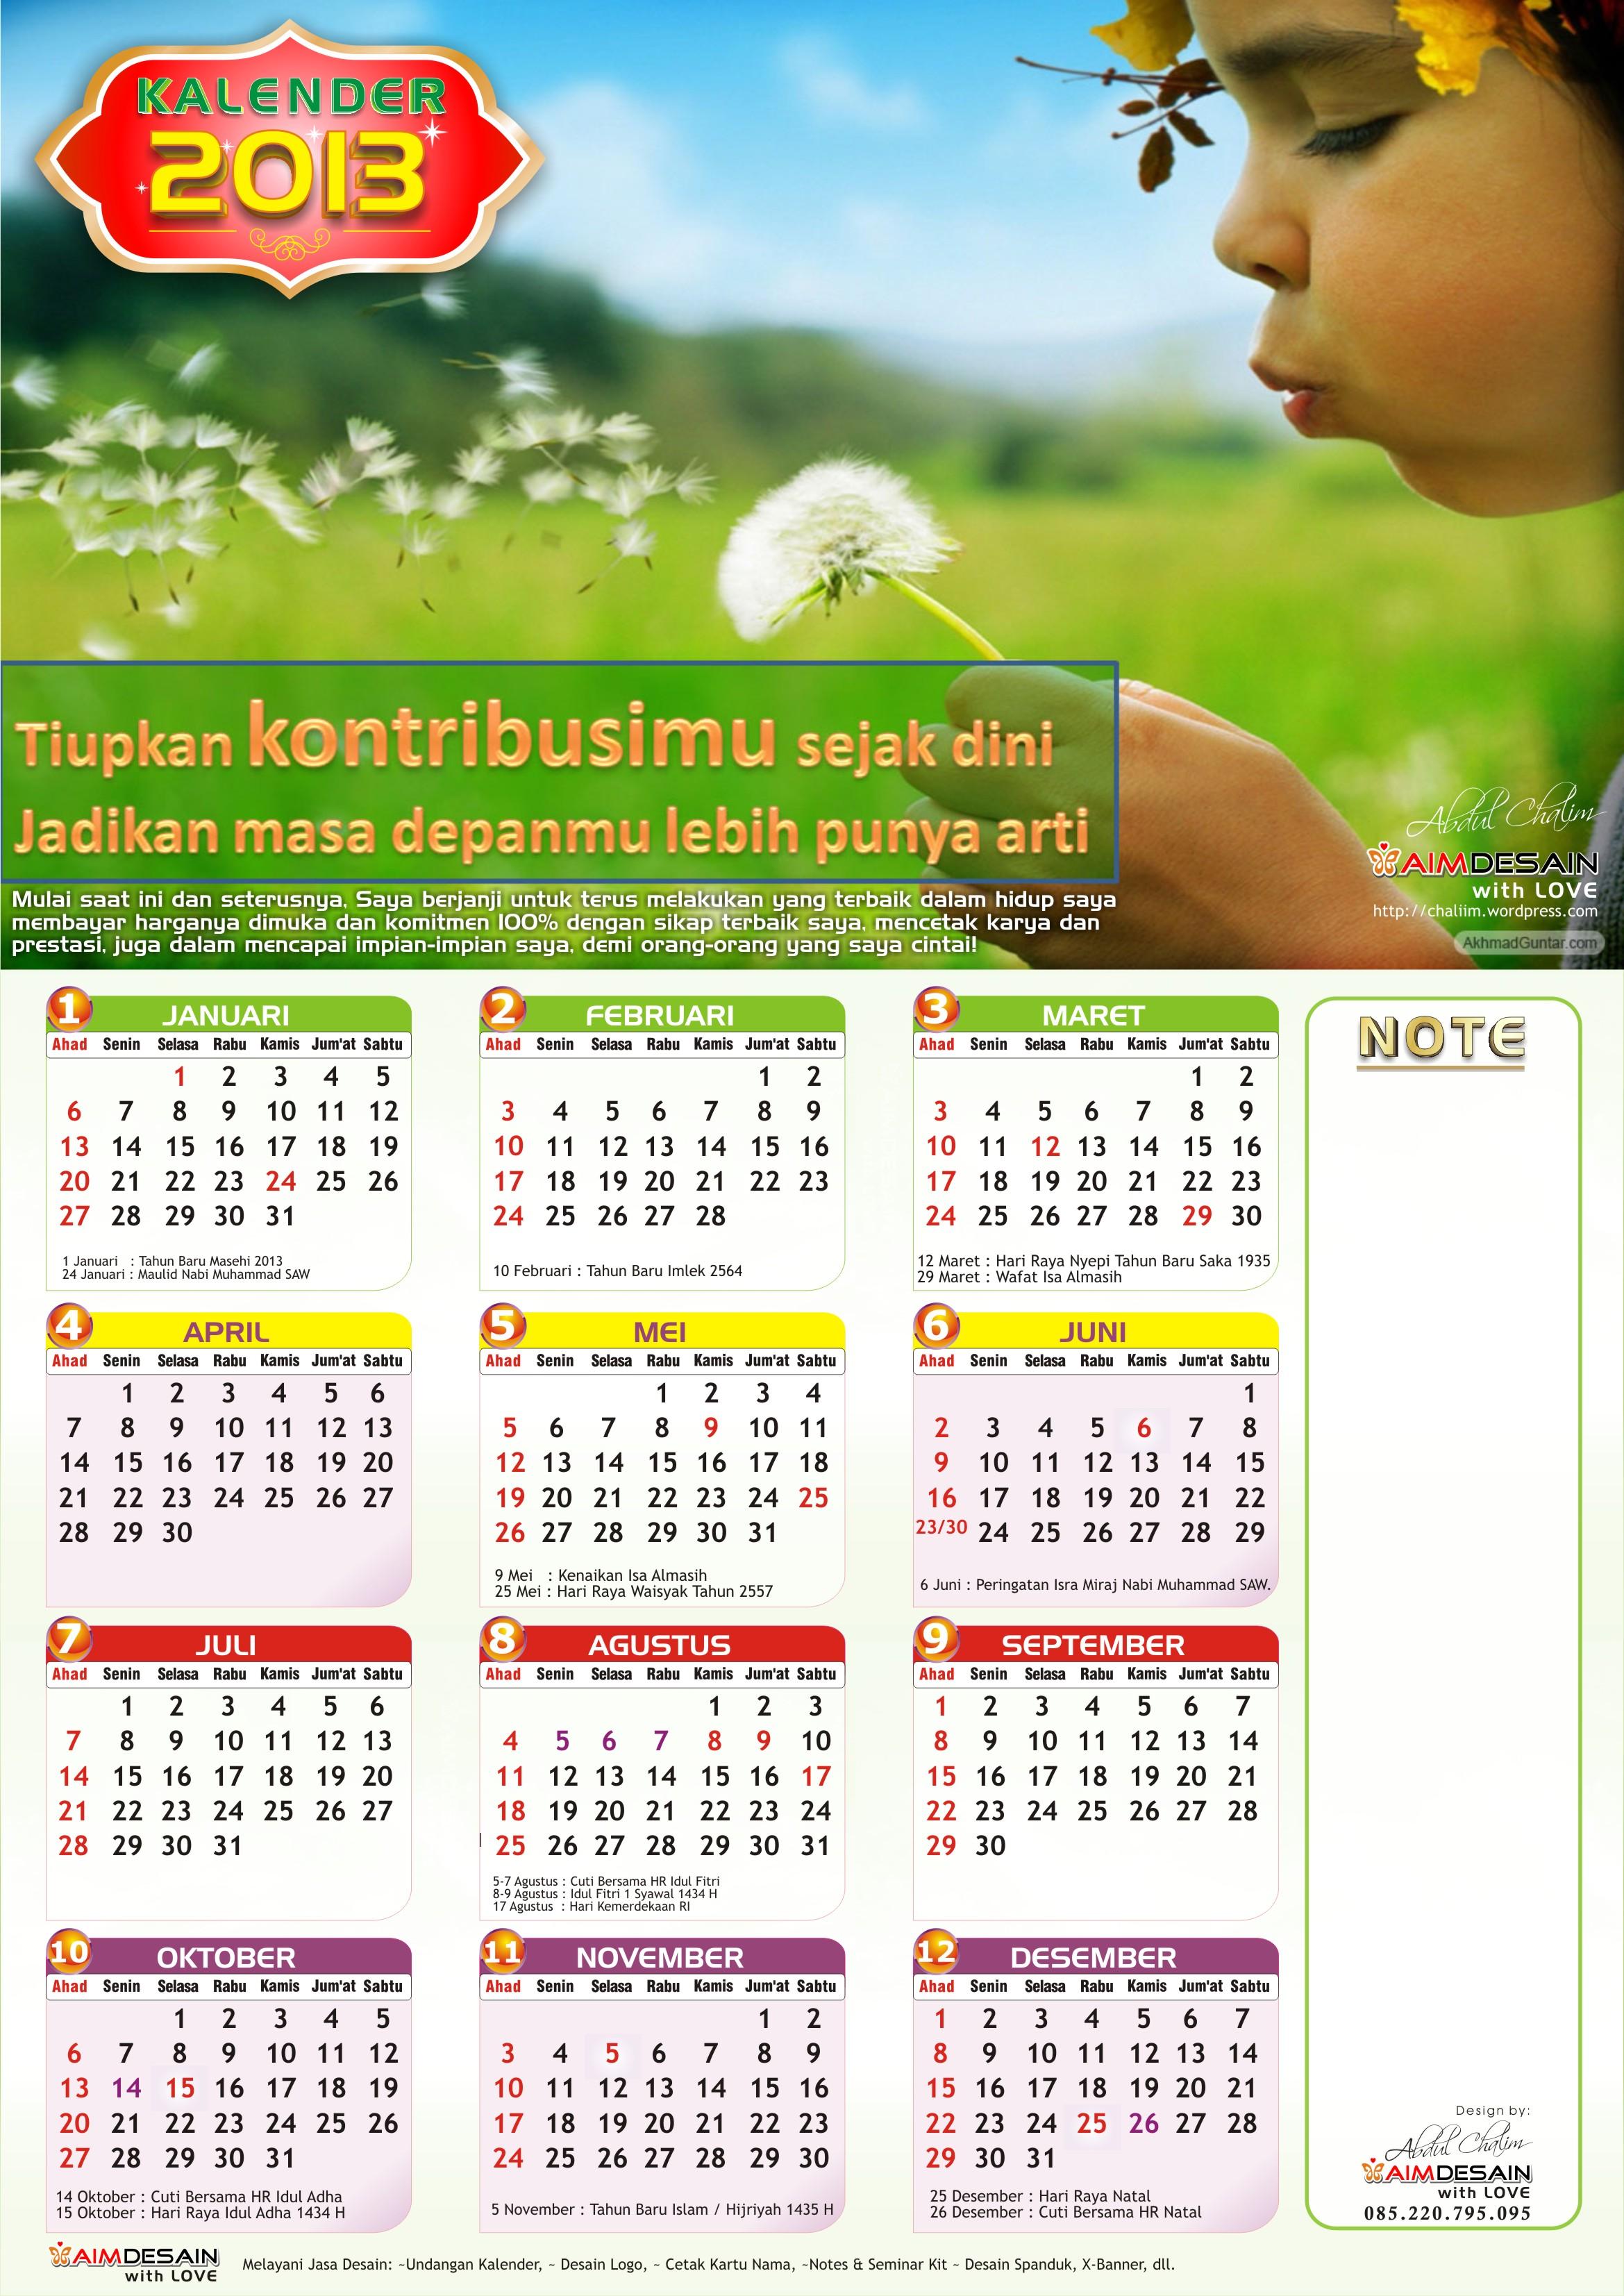 Kalender 2013 Lengkap dengan Hari Libur & Cuti Bersama